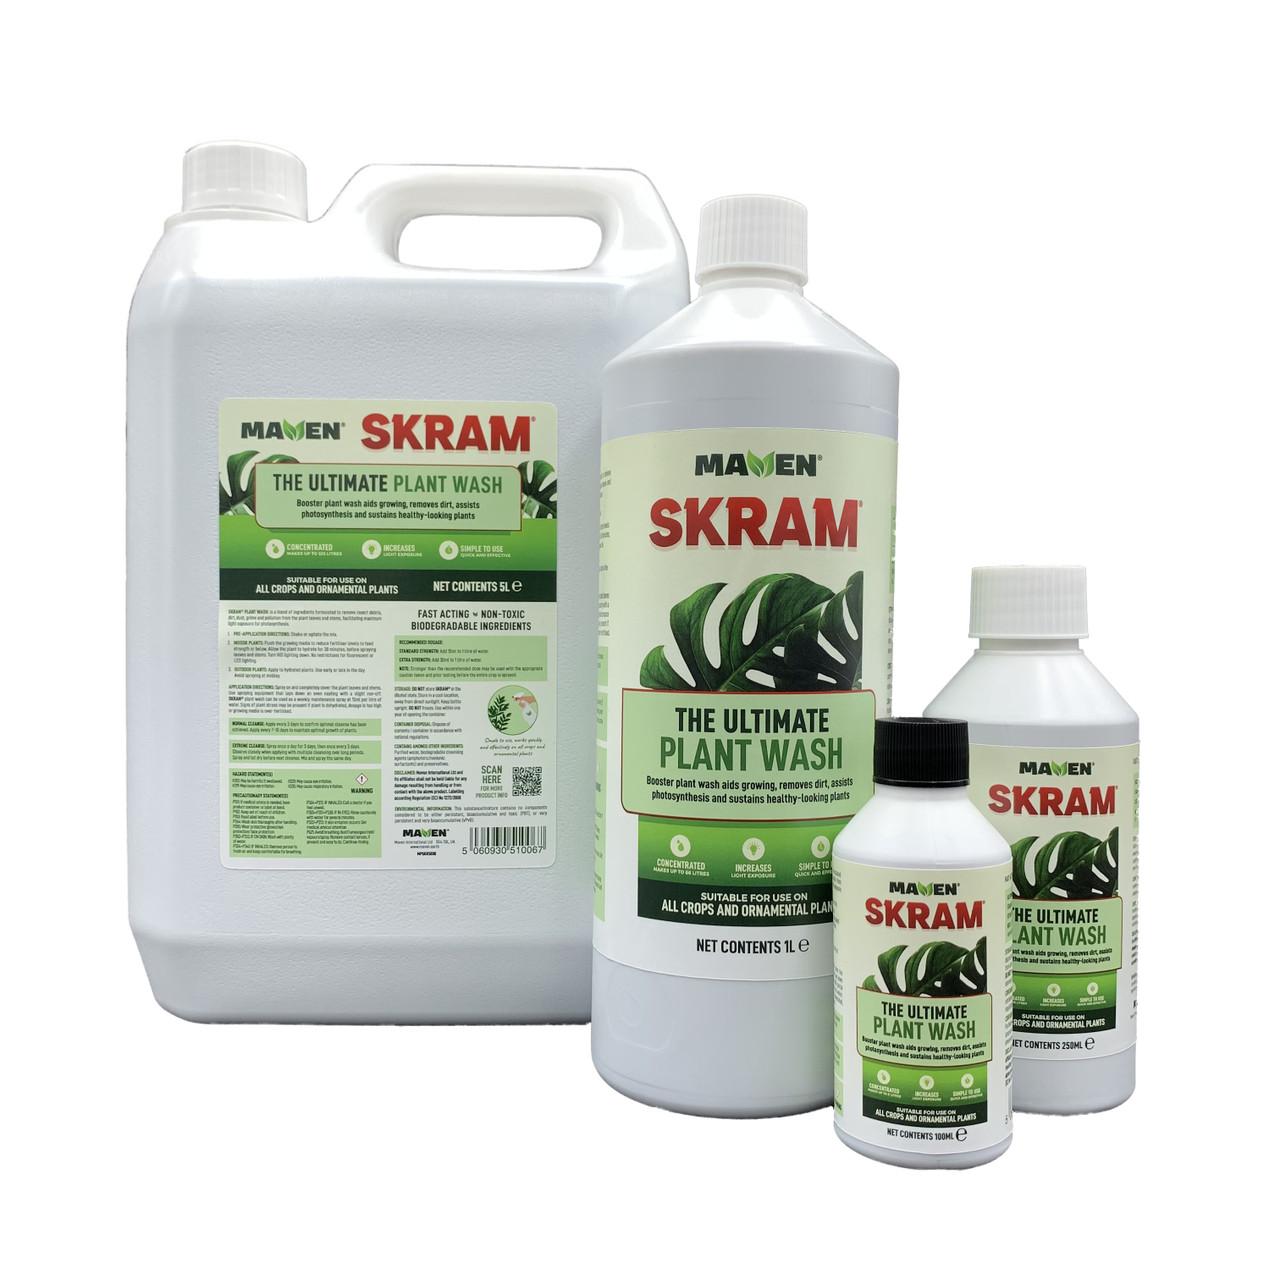 SKRAM Ultimate Plant Wash Range 100ml, 250ml, 1 litre and 5 litres